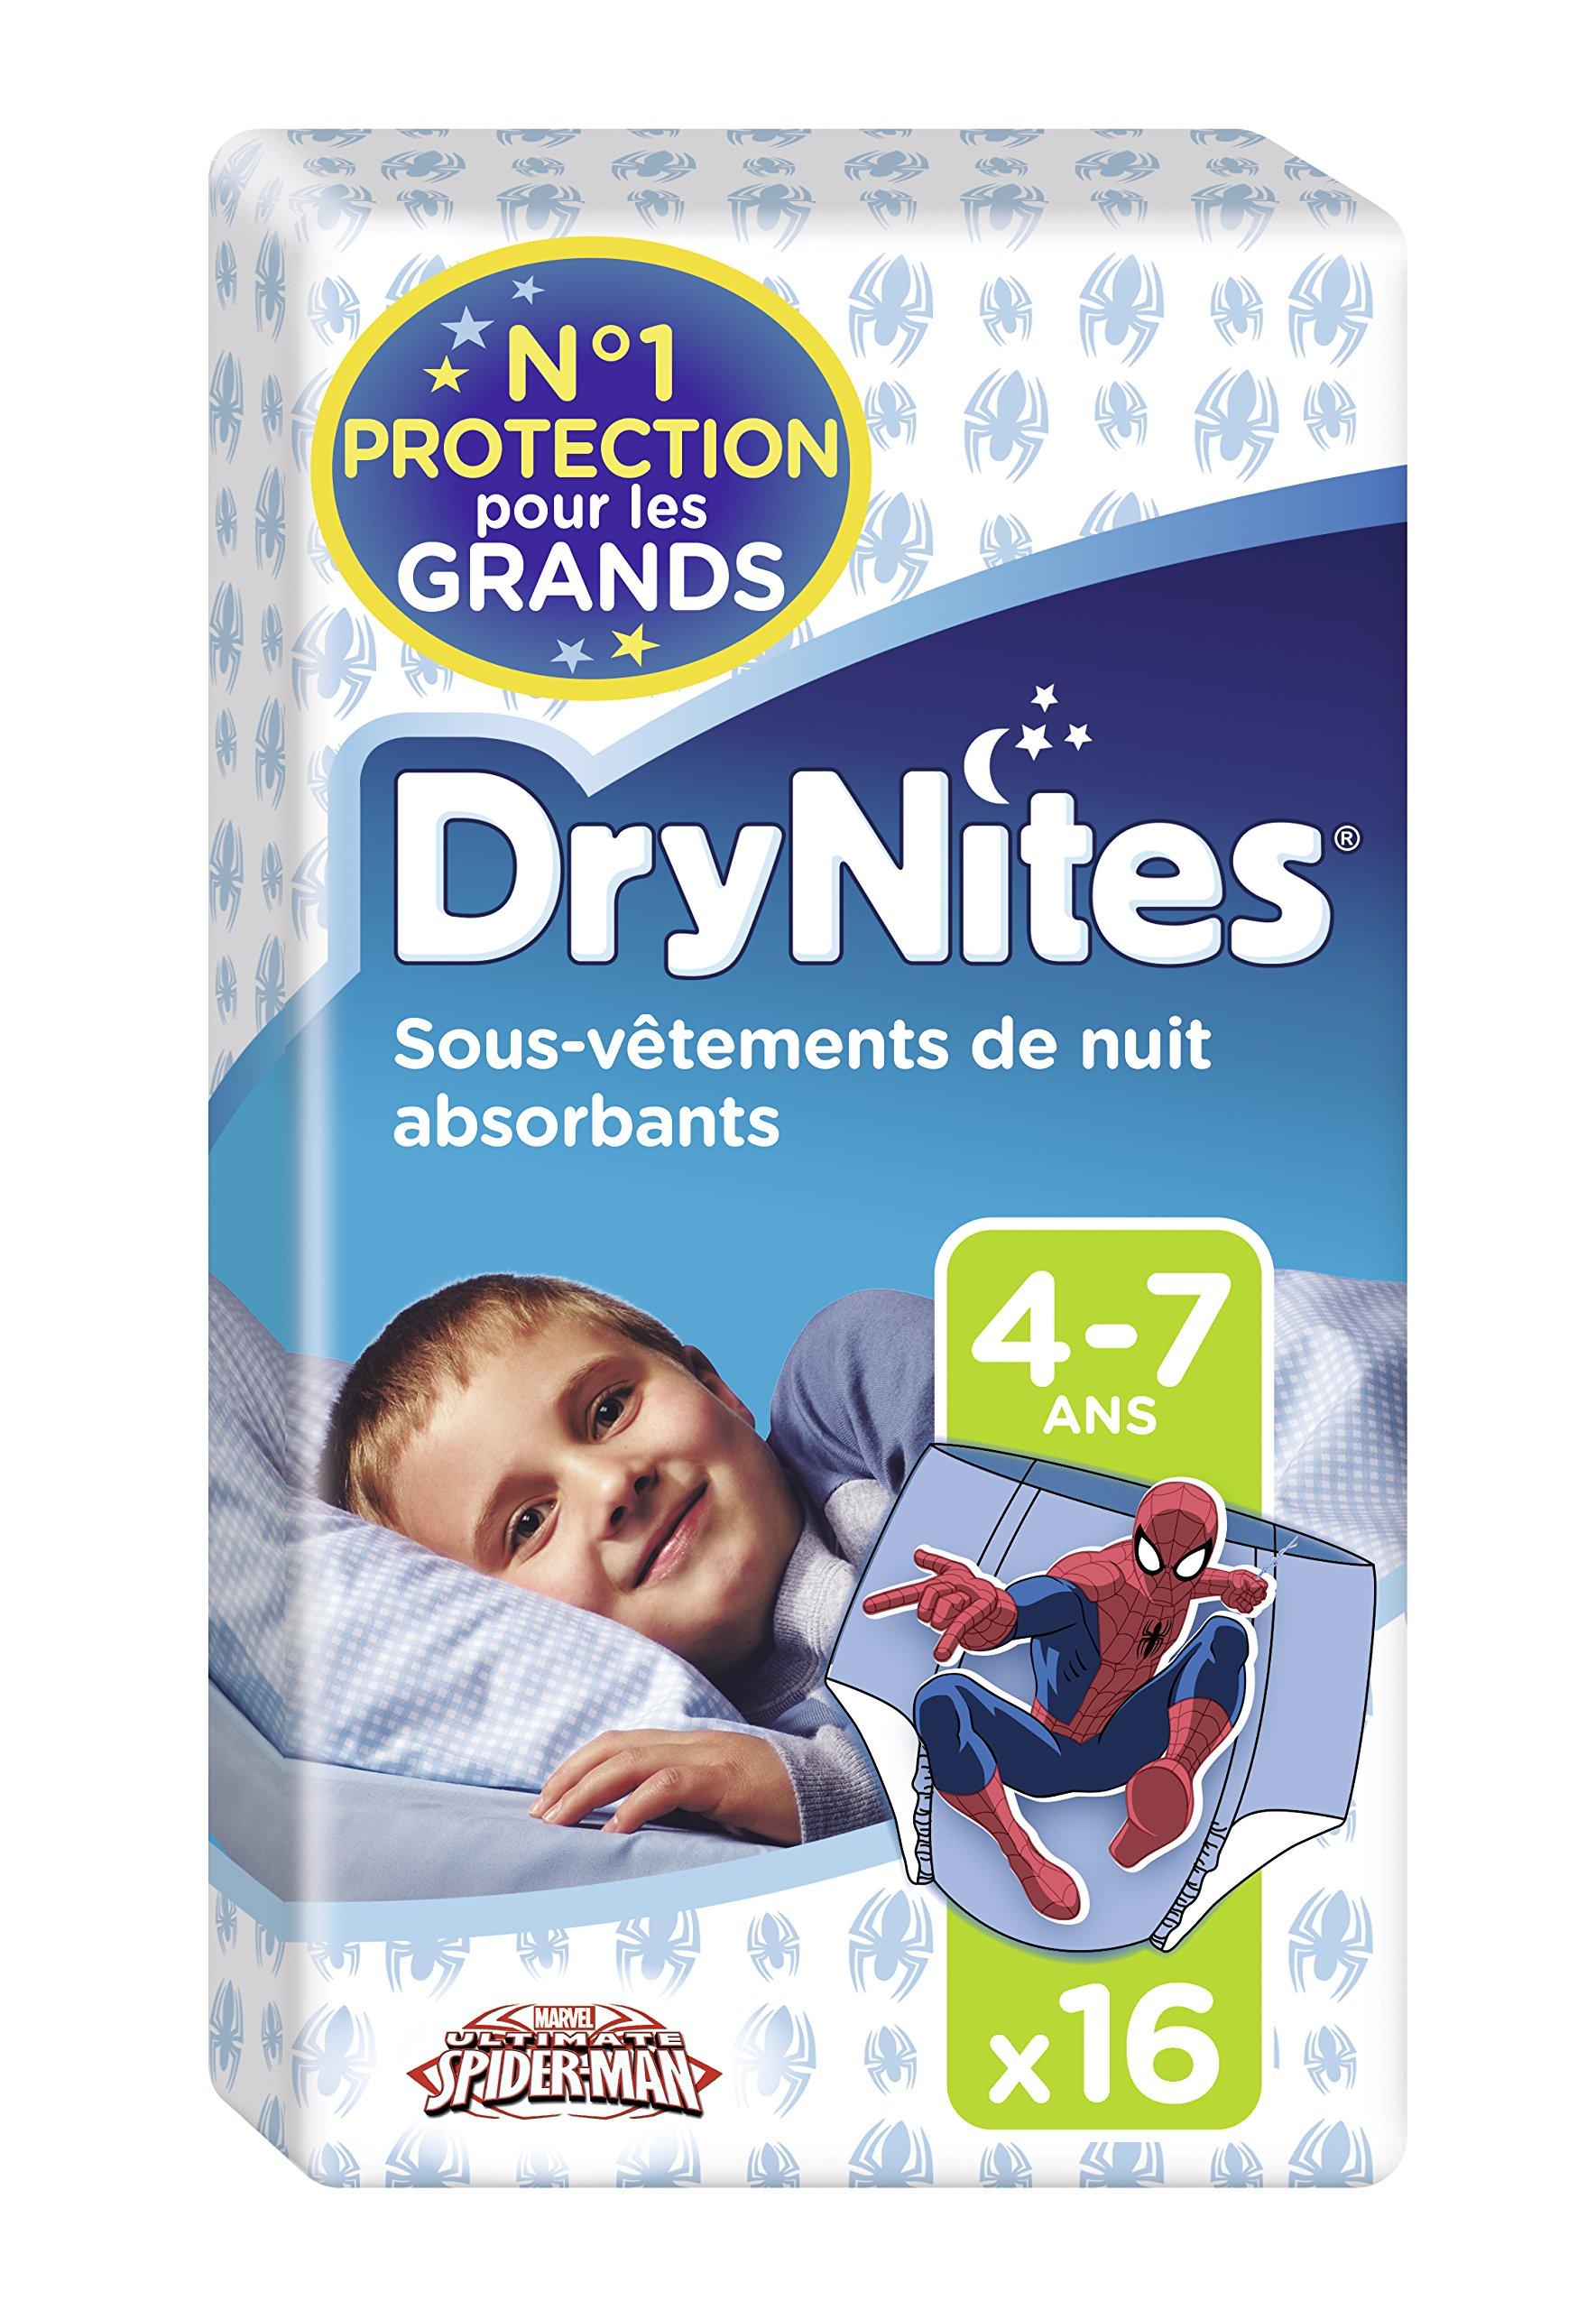 Huggies DryNites Calzoncillos Absorbentes para Niños, 4-7 Años (17 - 30 Kg